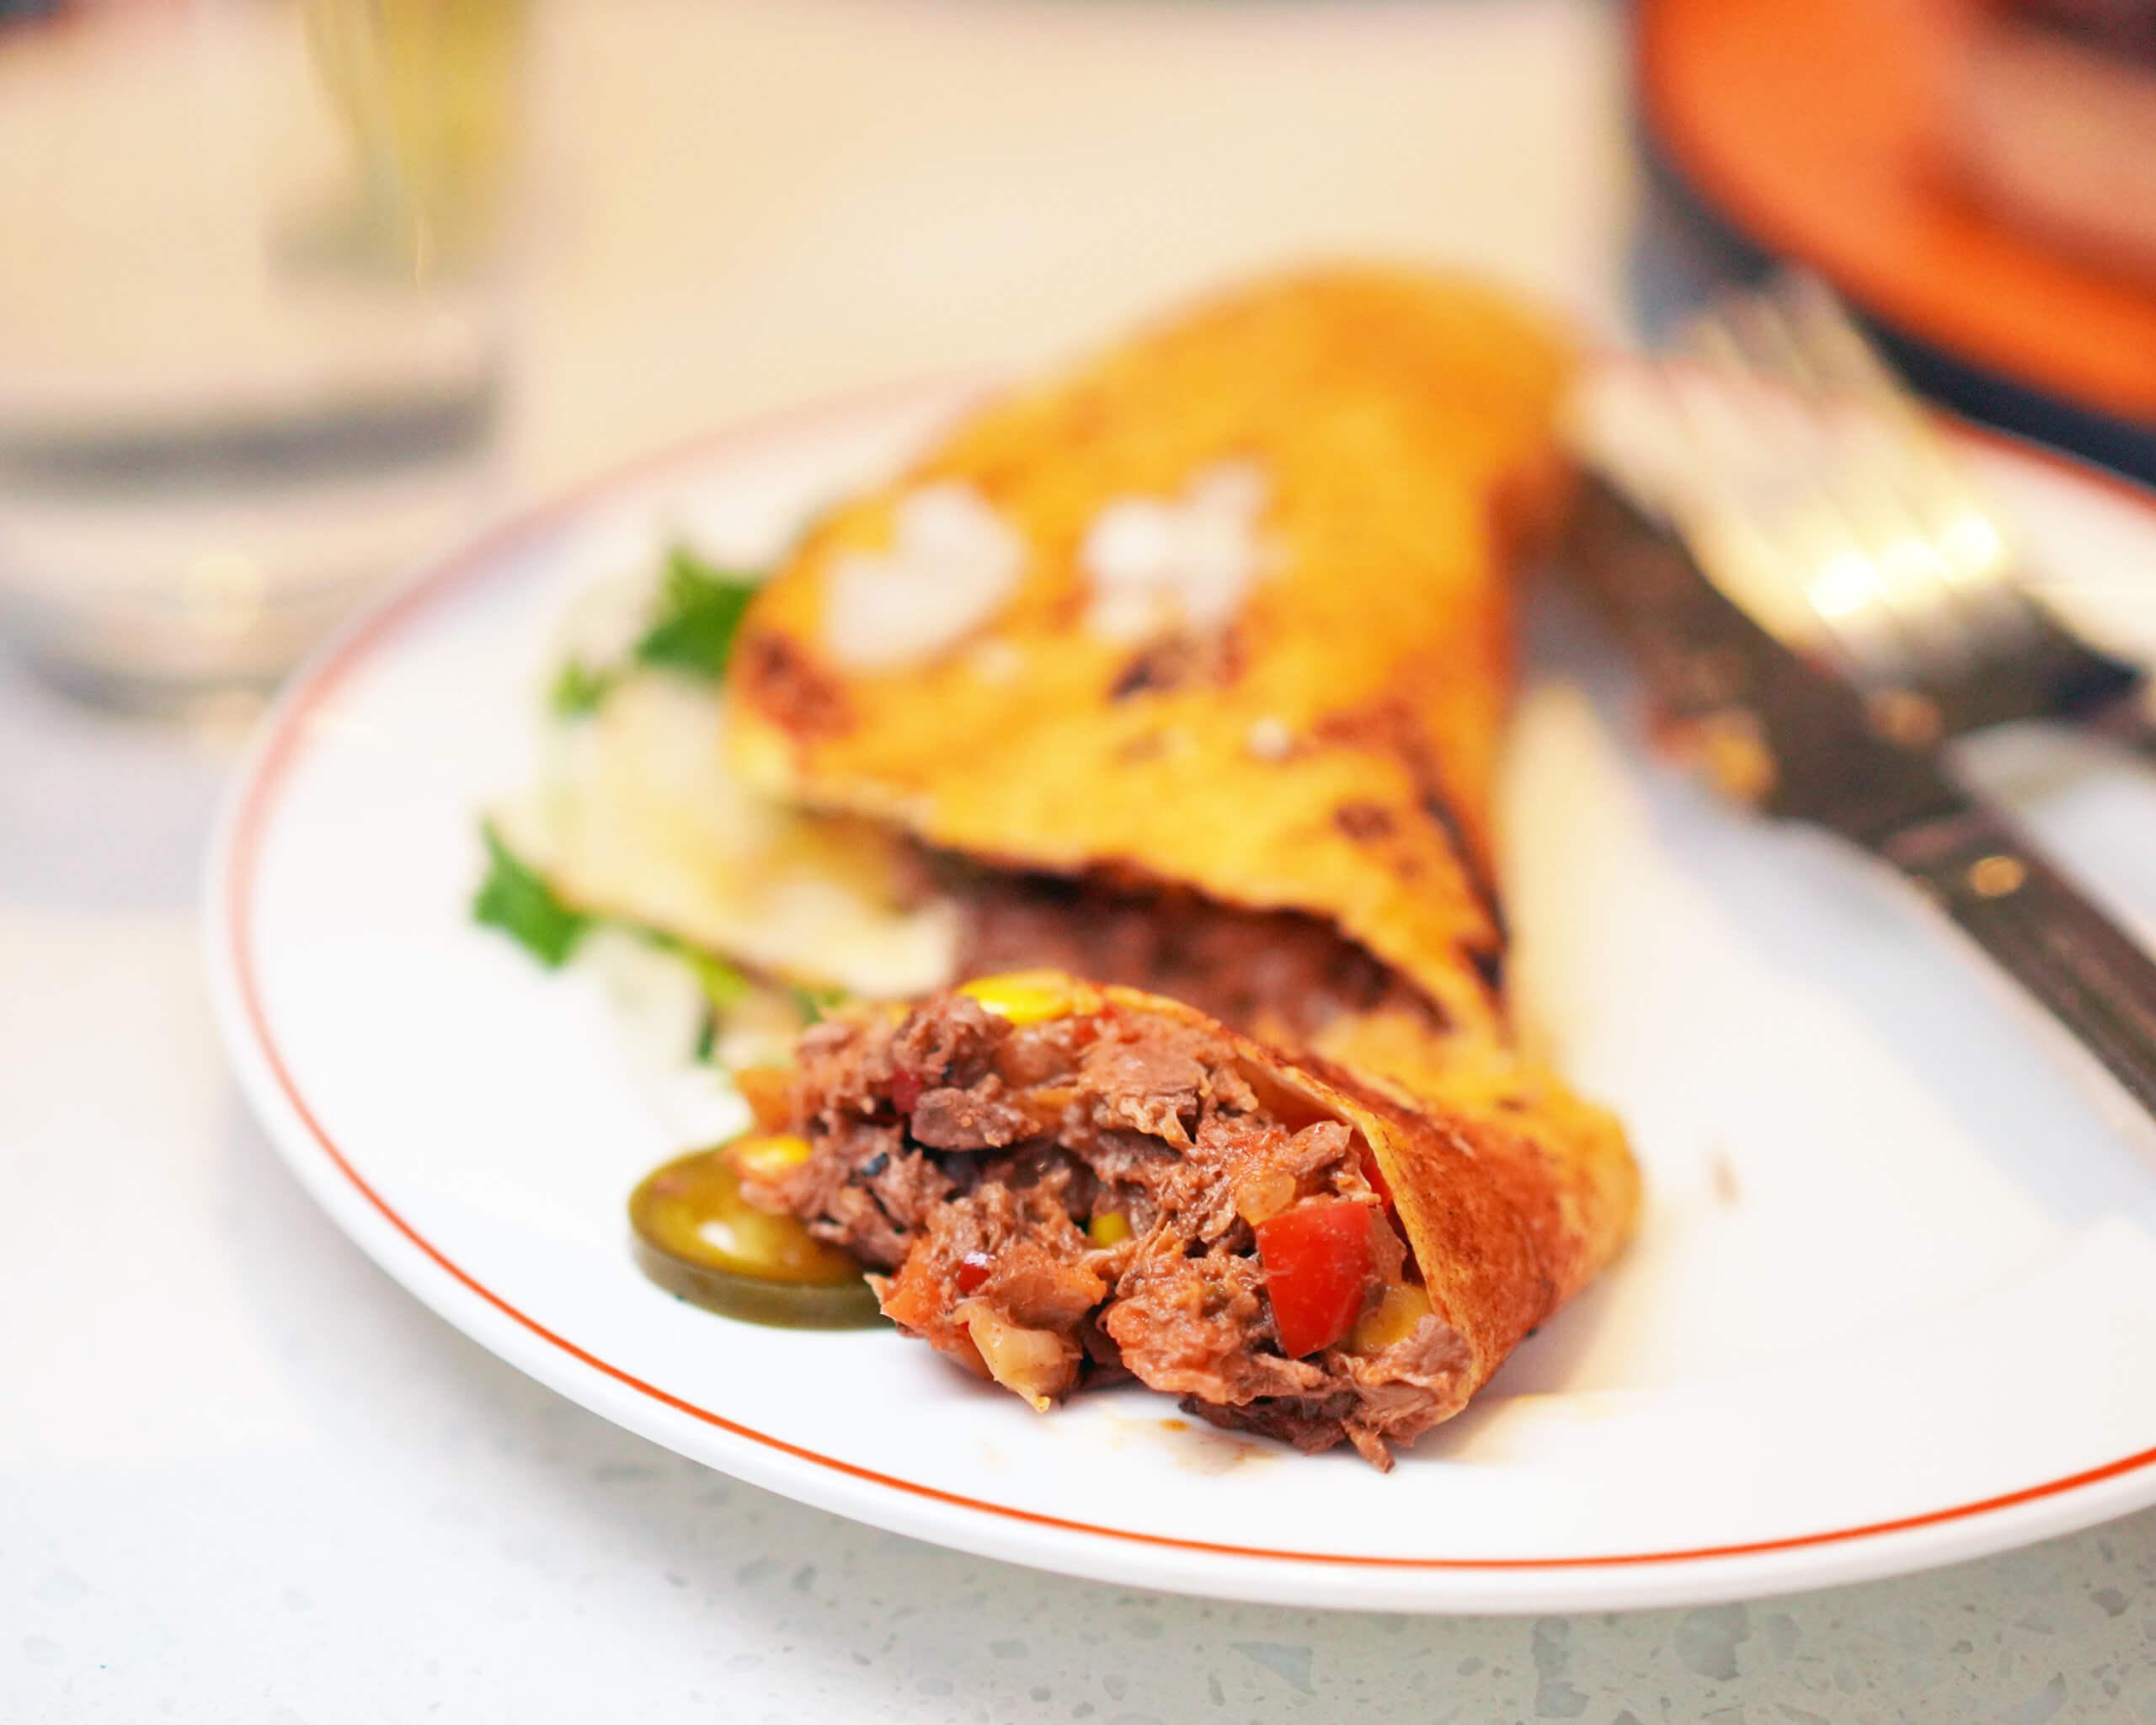 食Taco時,小編一度以為係真肉,因為KARANA全植物豬 肉真係太像真!